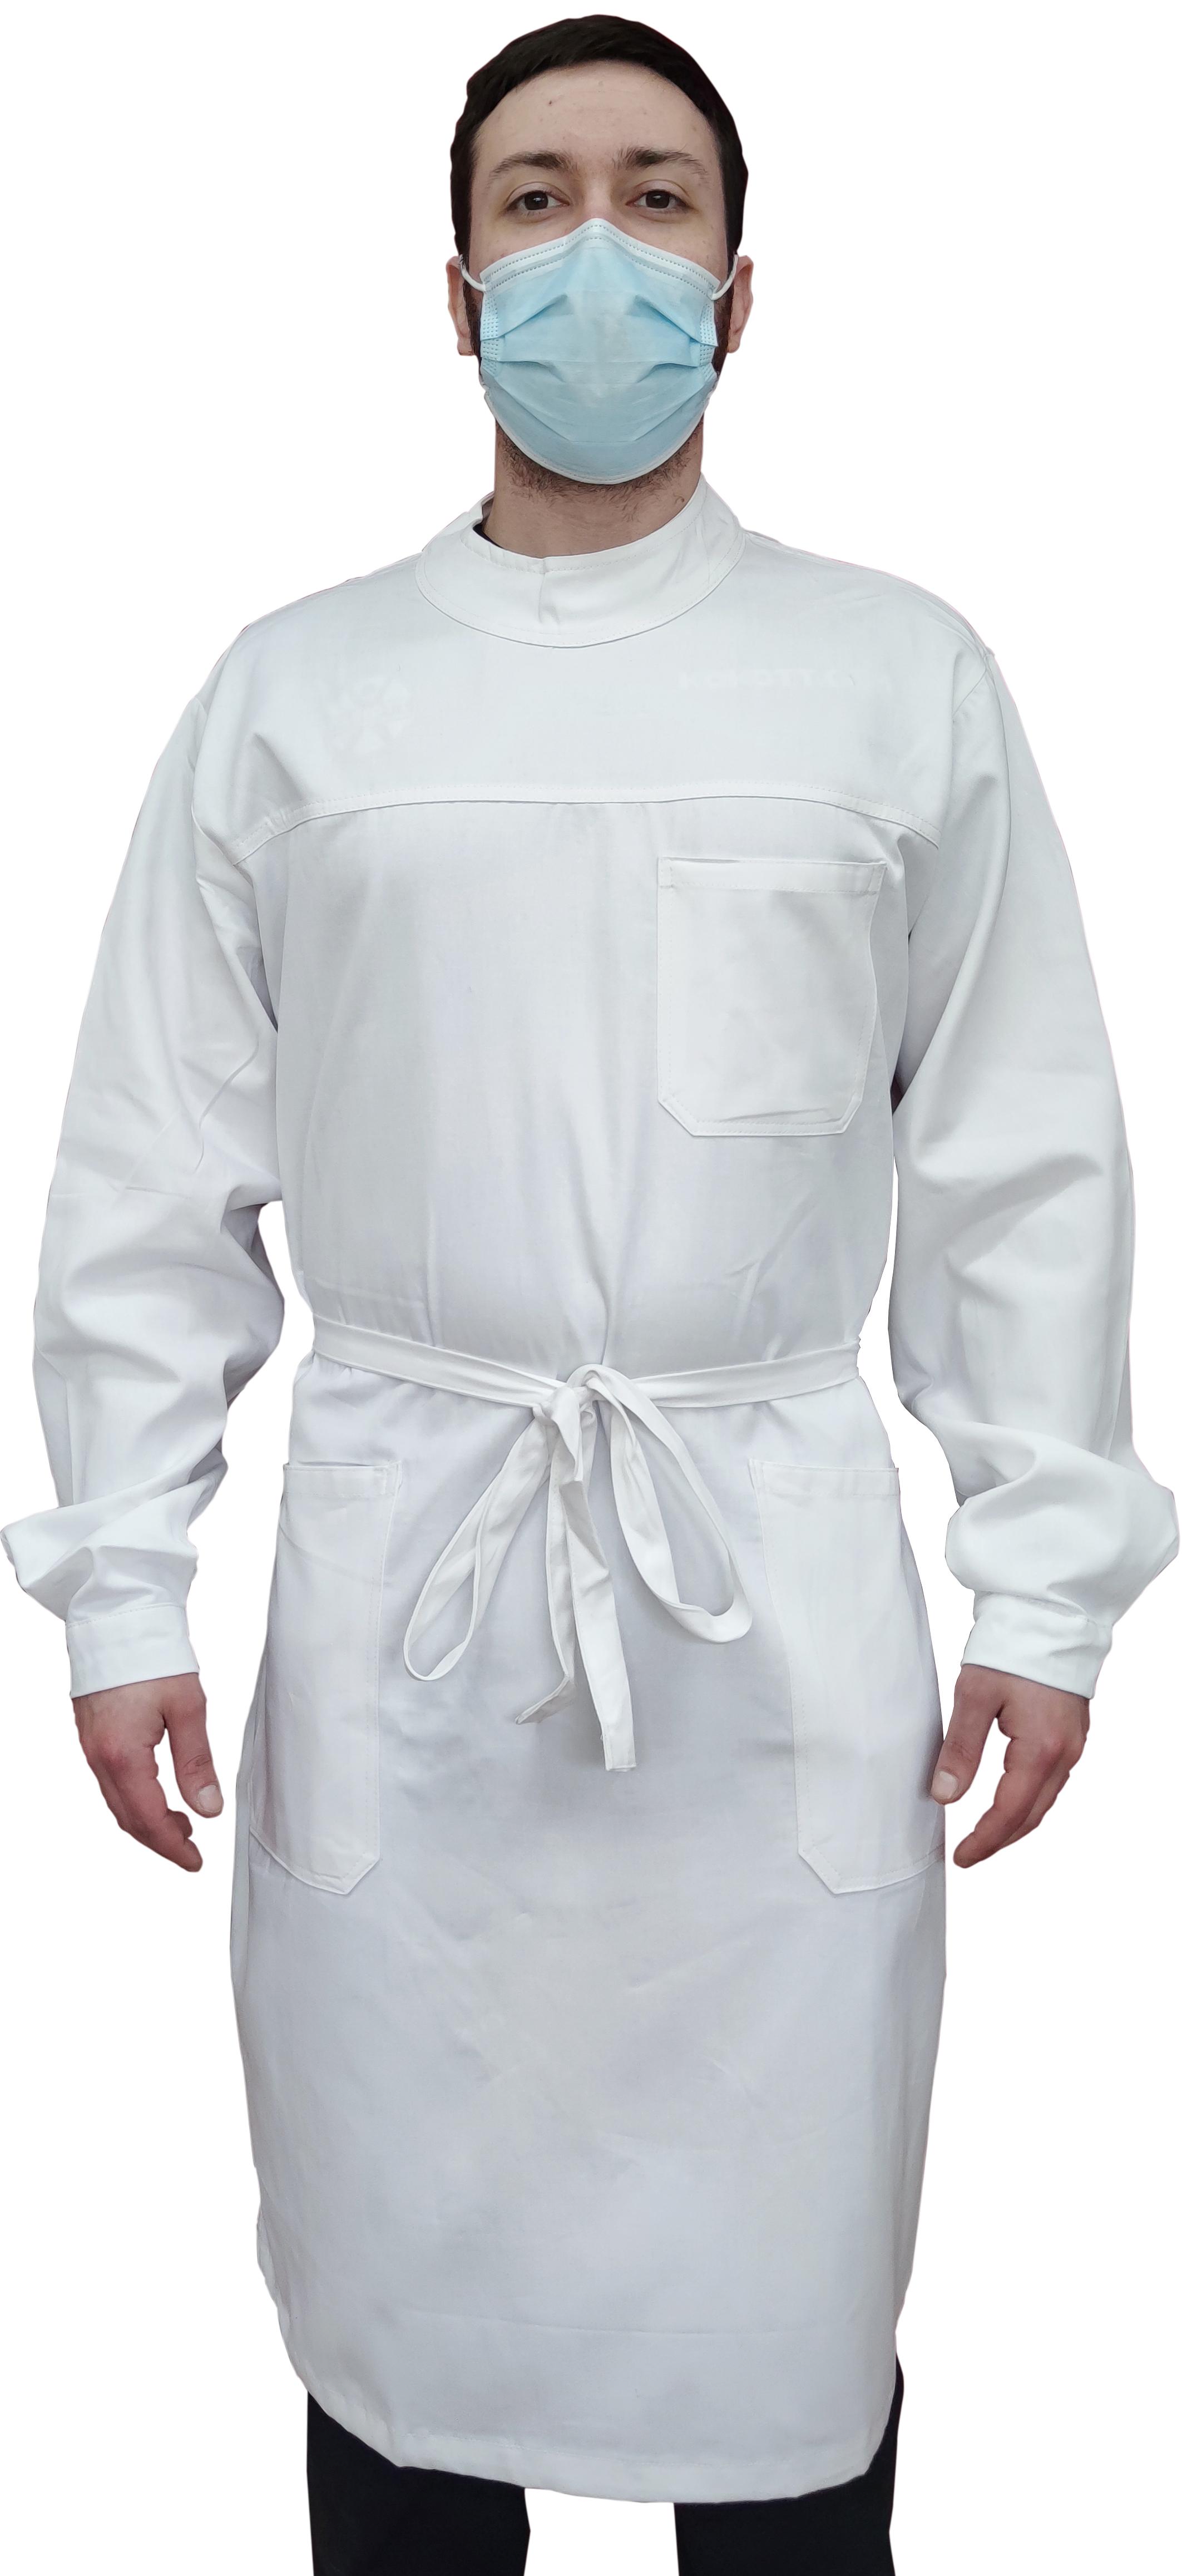 KOKOTT Zahntechniker- OP- und Laborkittel mit Rückenverschluss aus 100% Baumwolle